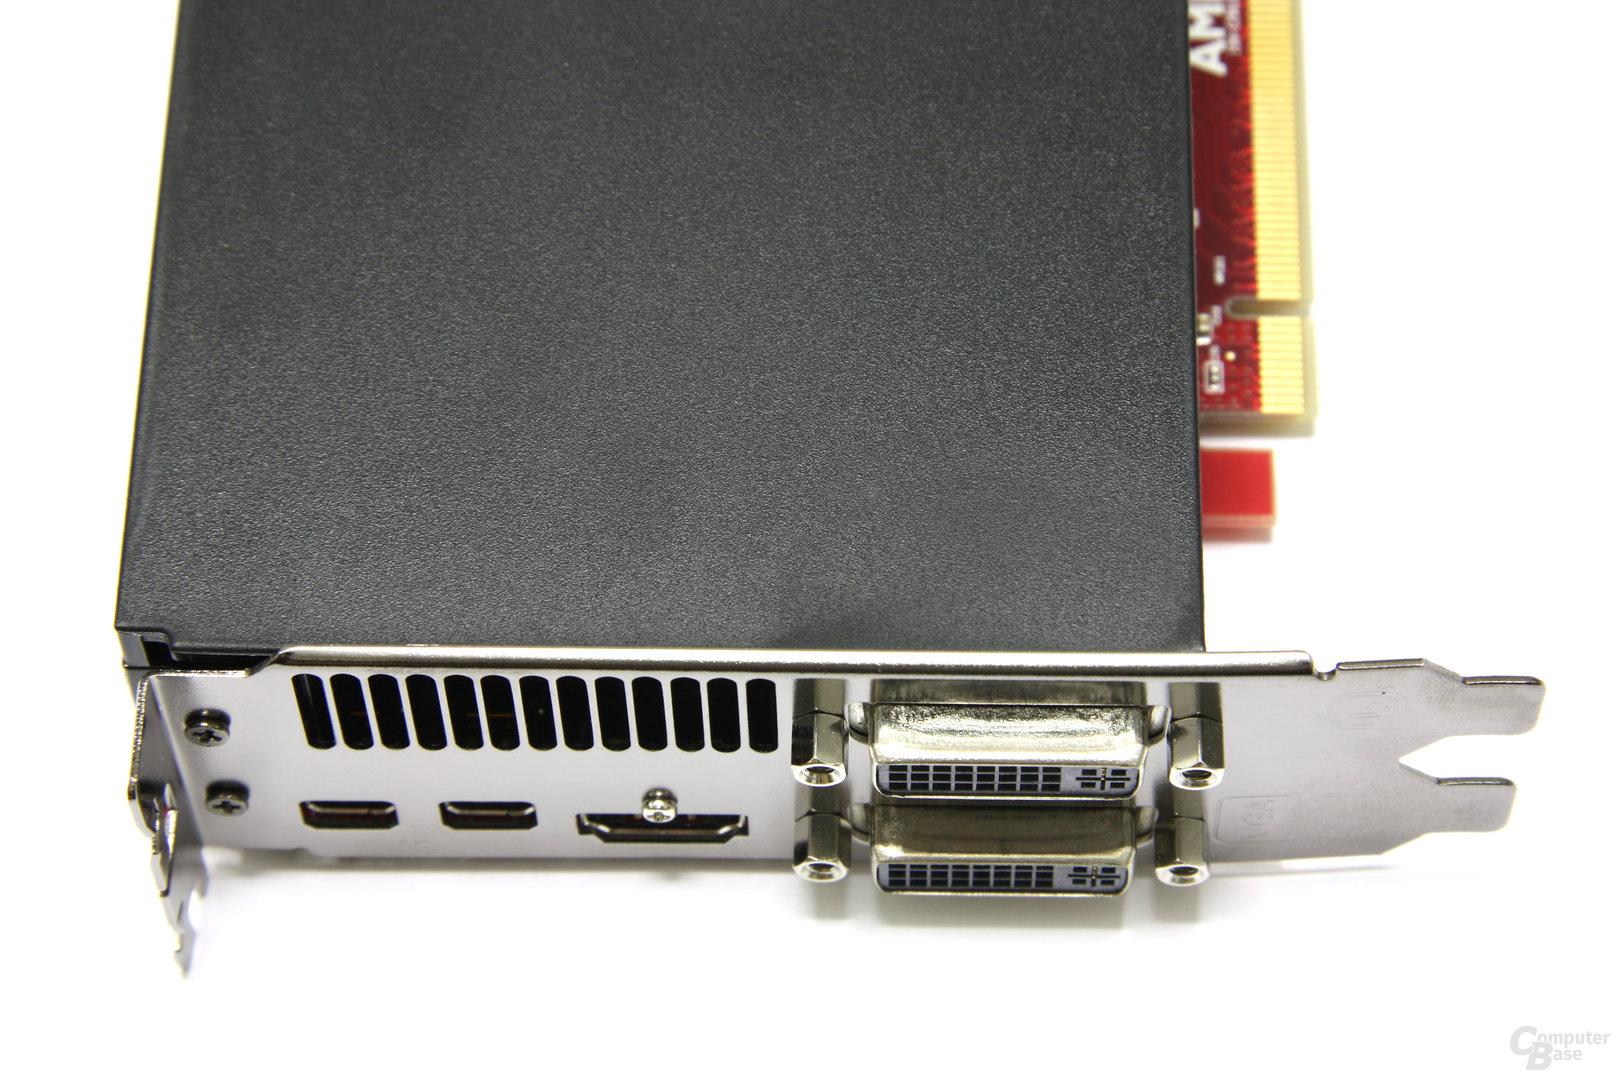 Radeon HD 6950 1GB Anschlüsse